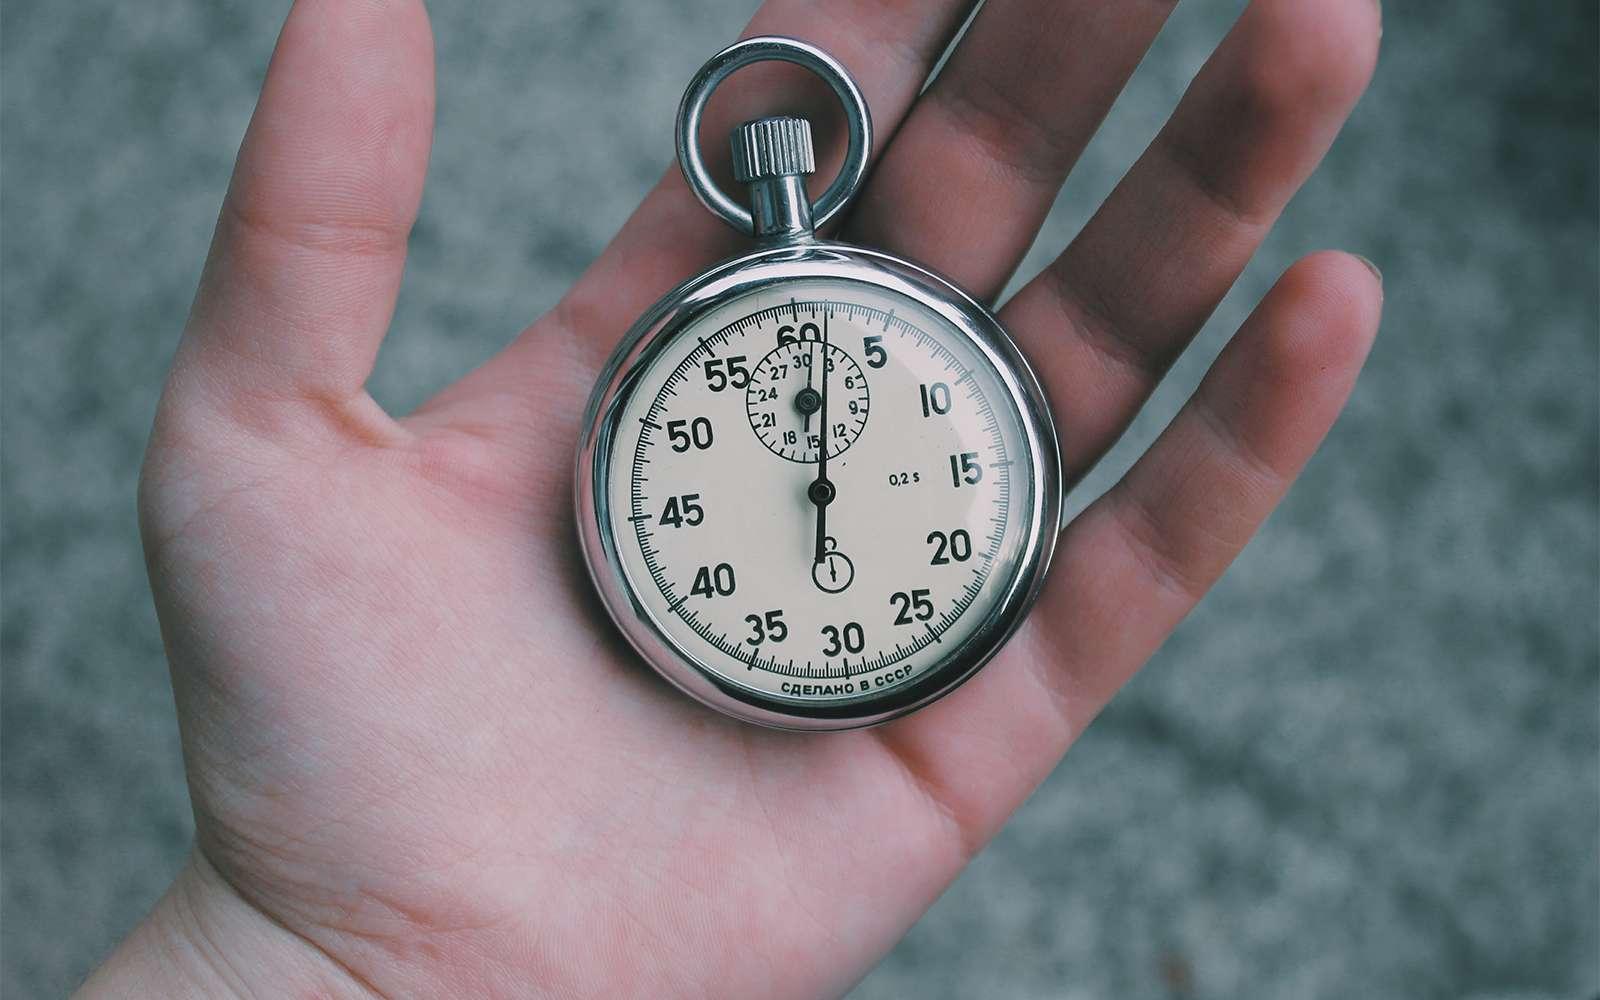 Combien de temps un rapport doit-il durer en moyenne ? © PxHere